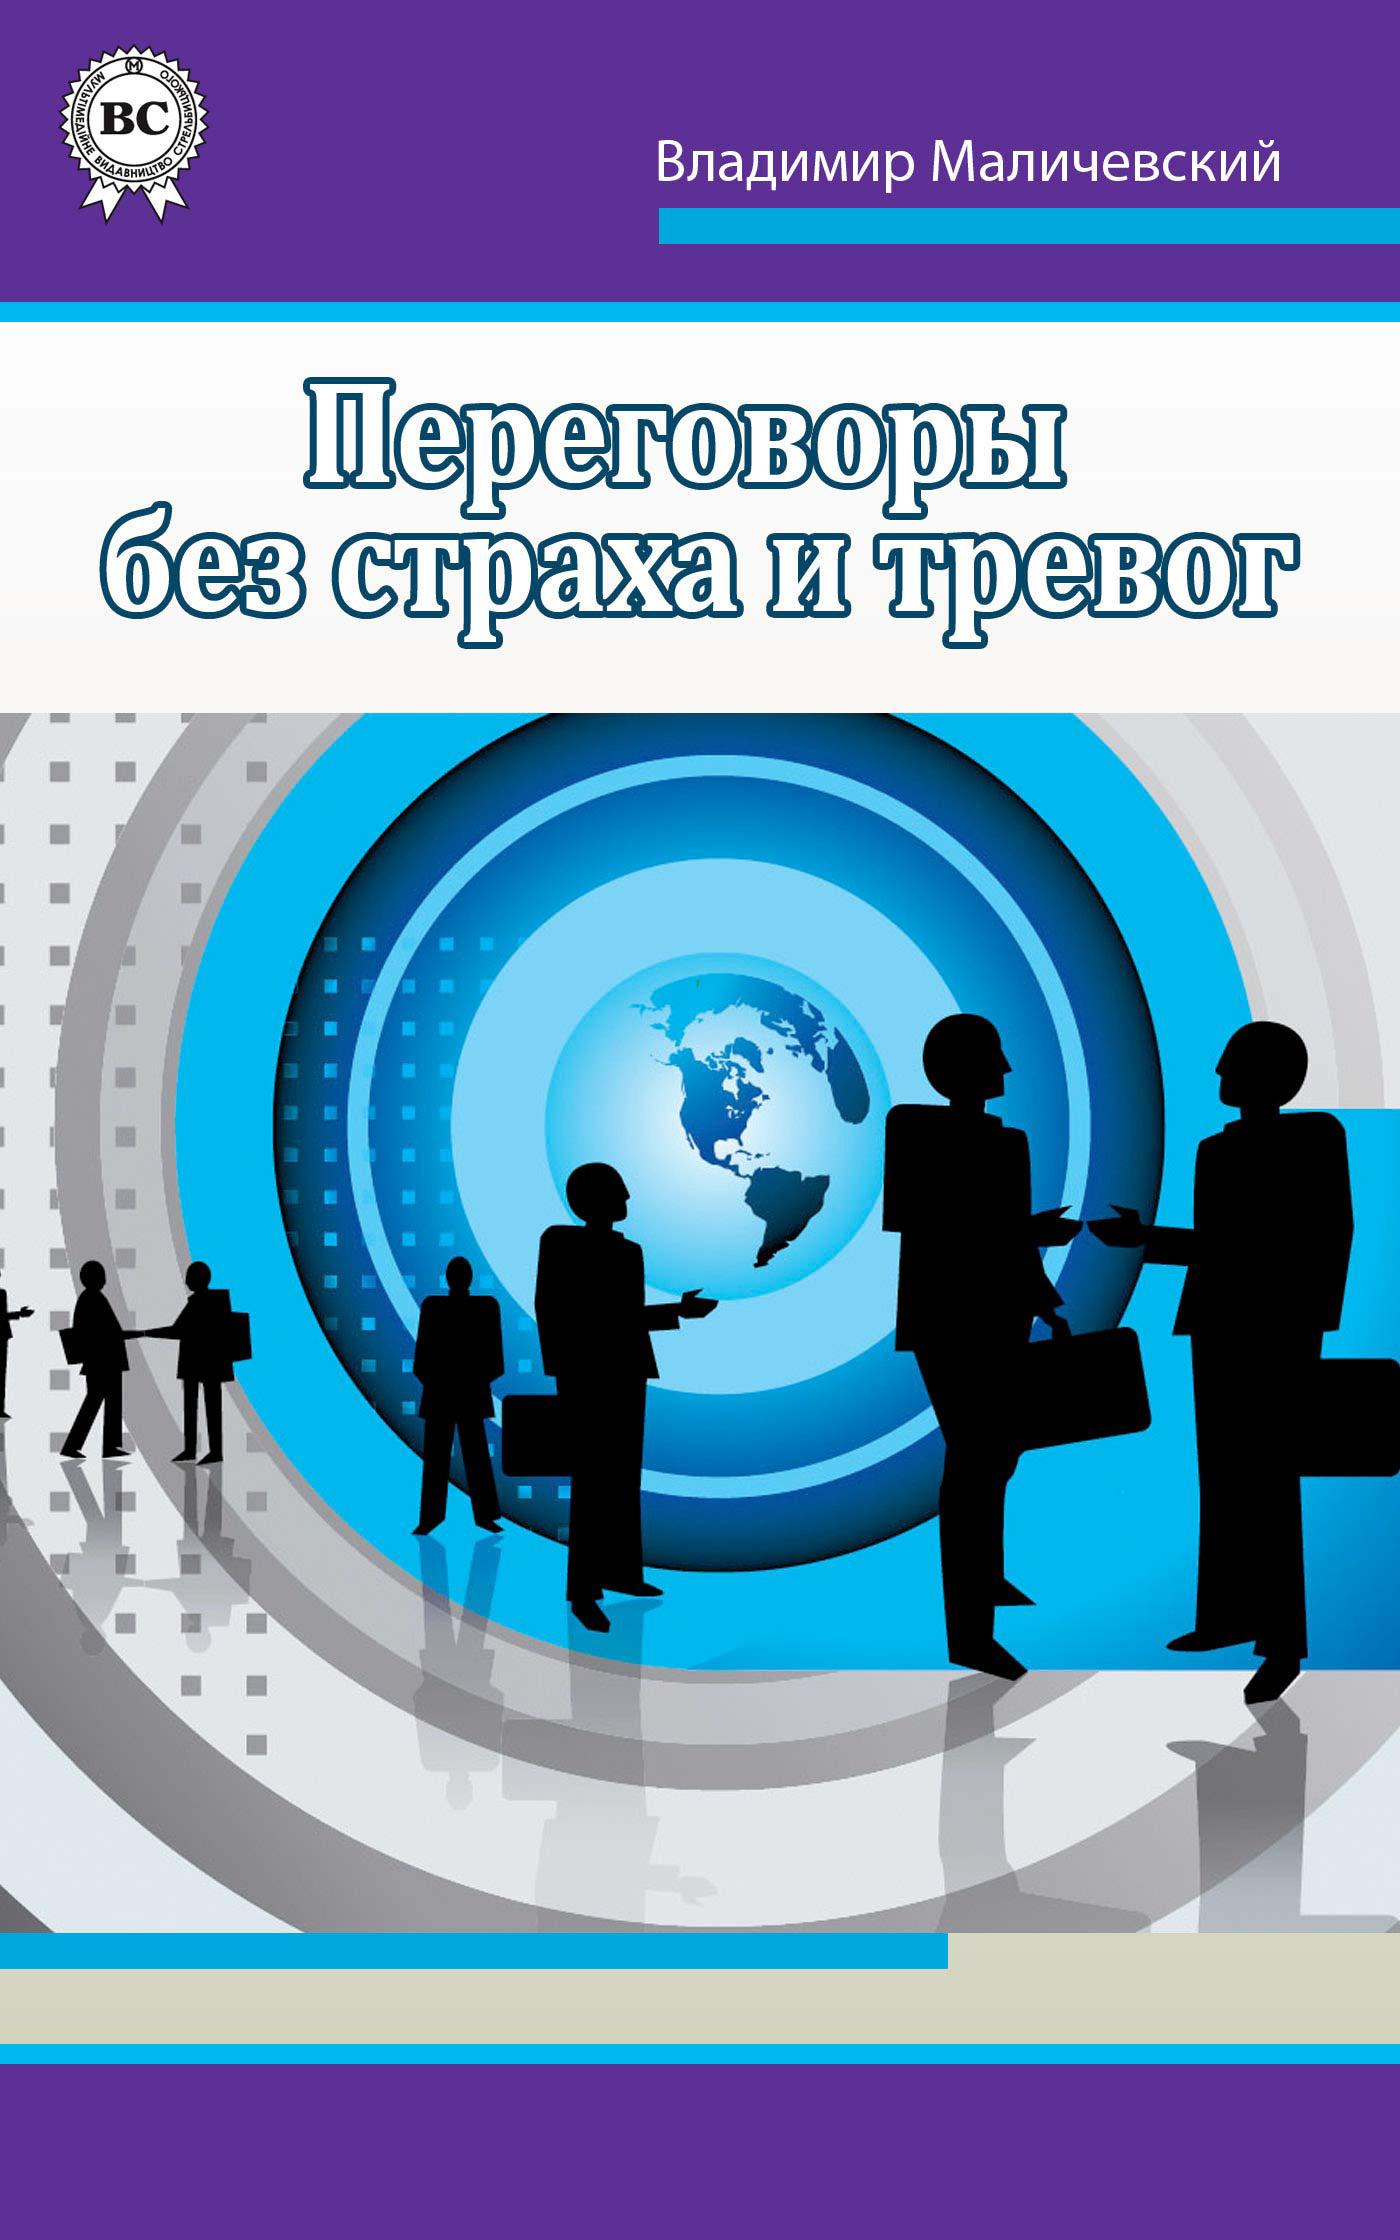 Обложка книги. Автор - Владимир Маличевский